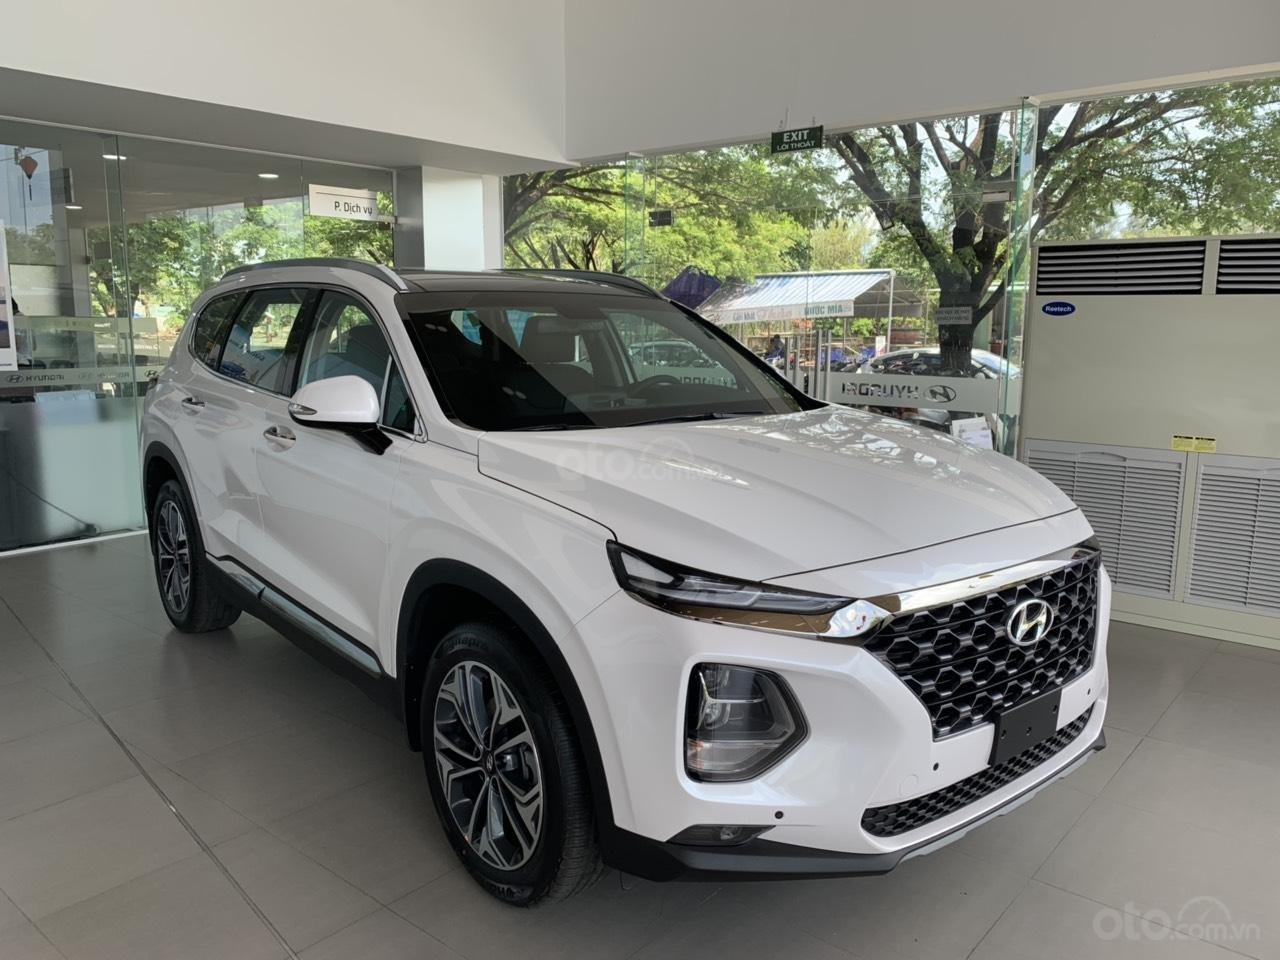 Hyundai Santafe 2019, tặng full phụ kiện. Xe có sẵn giao ngay, hỗ trợ vay 80%. Lh: 0934. 79.39.69 để được tư vấn-1